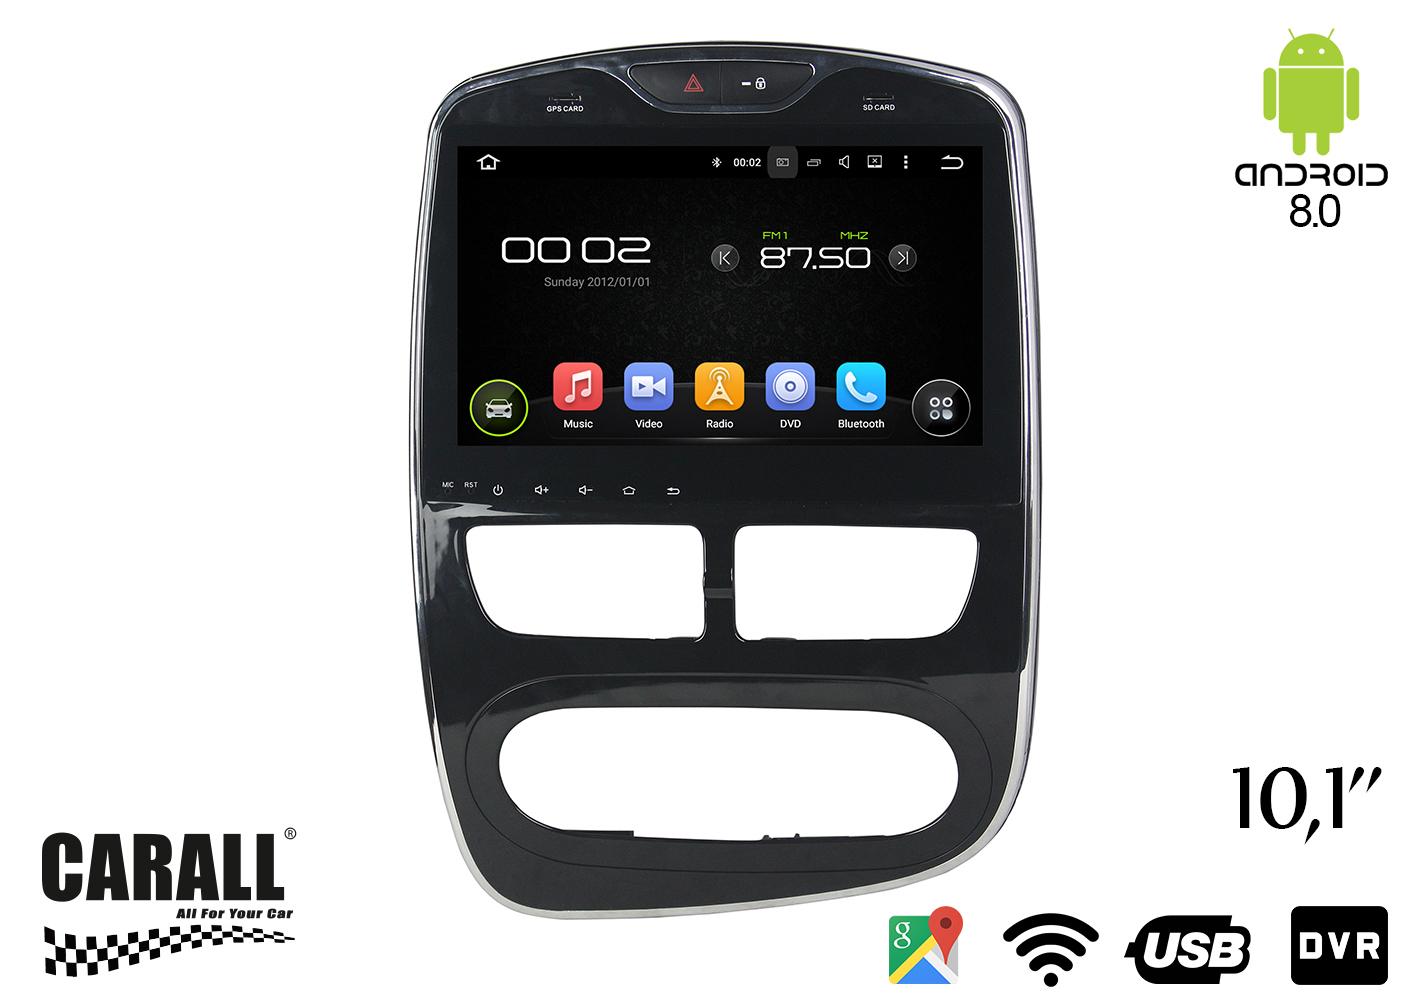 Autoradio Android 8,0 Renault Clio GPS DVD USB SD WI-FI Bluetooth Navigatore - KIT